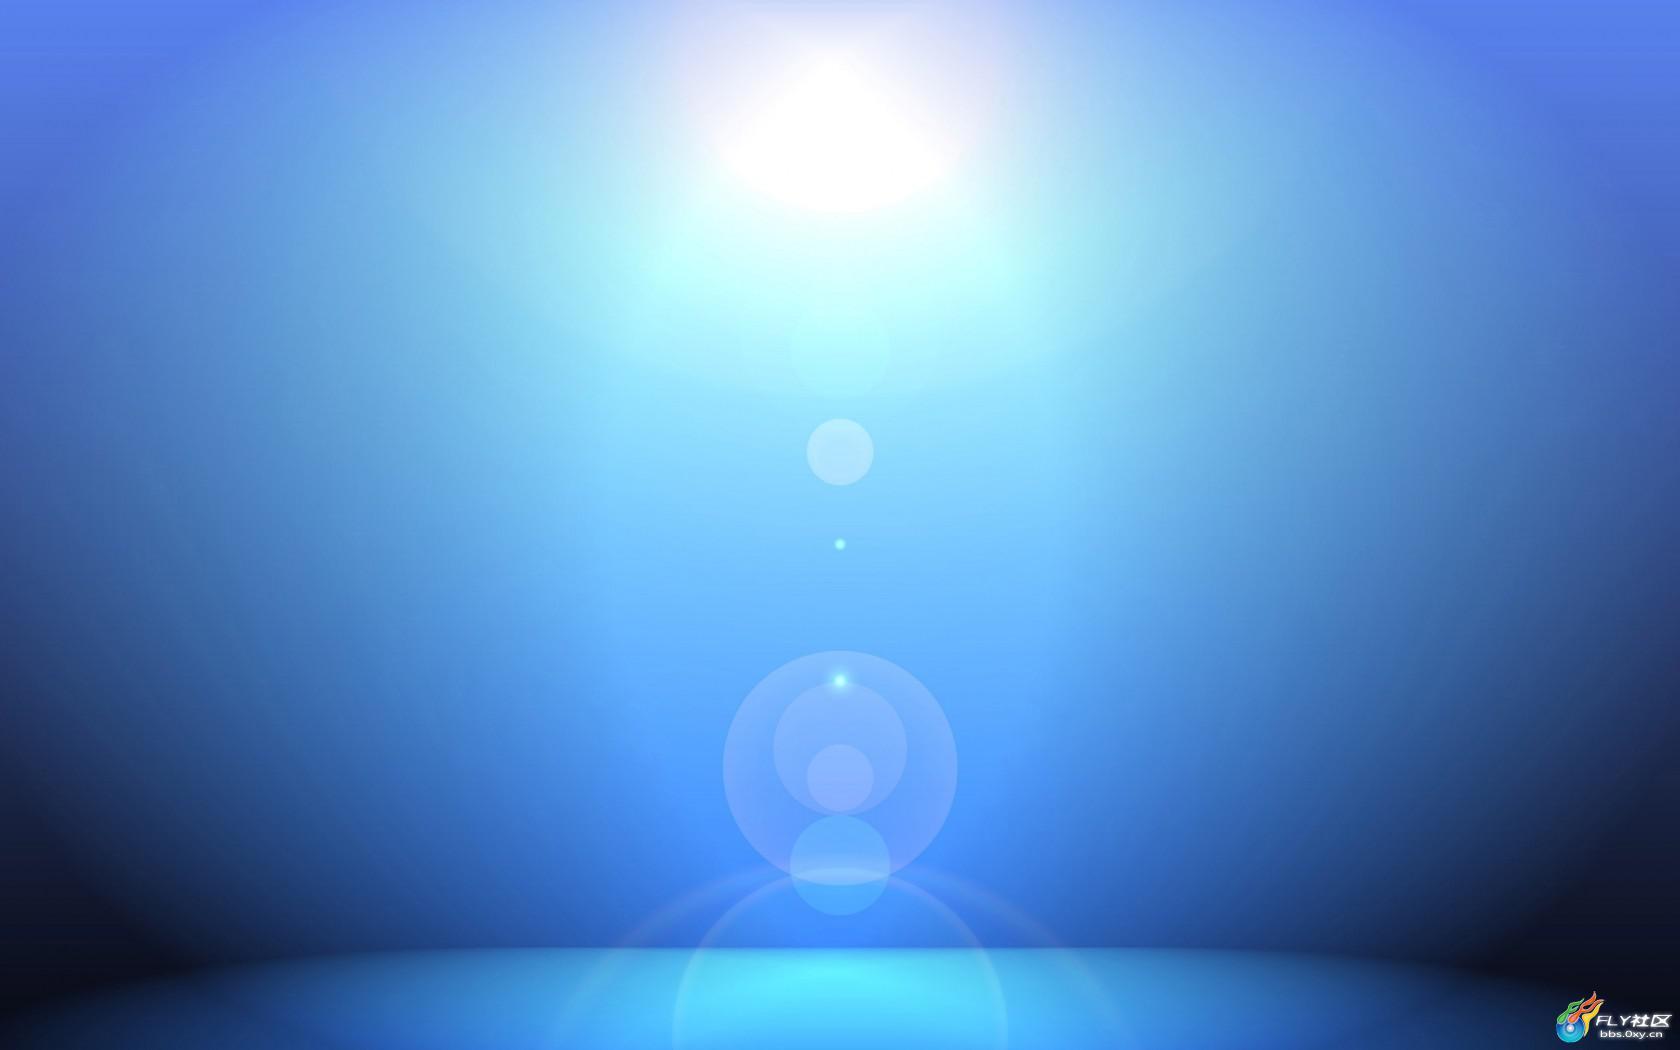 win10高清护眼电脑桌面壁纸(适于16:9显示器9张),图片尺寸:1920×